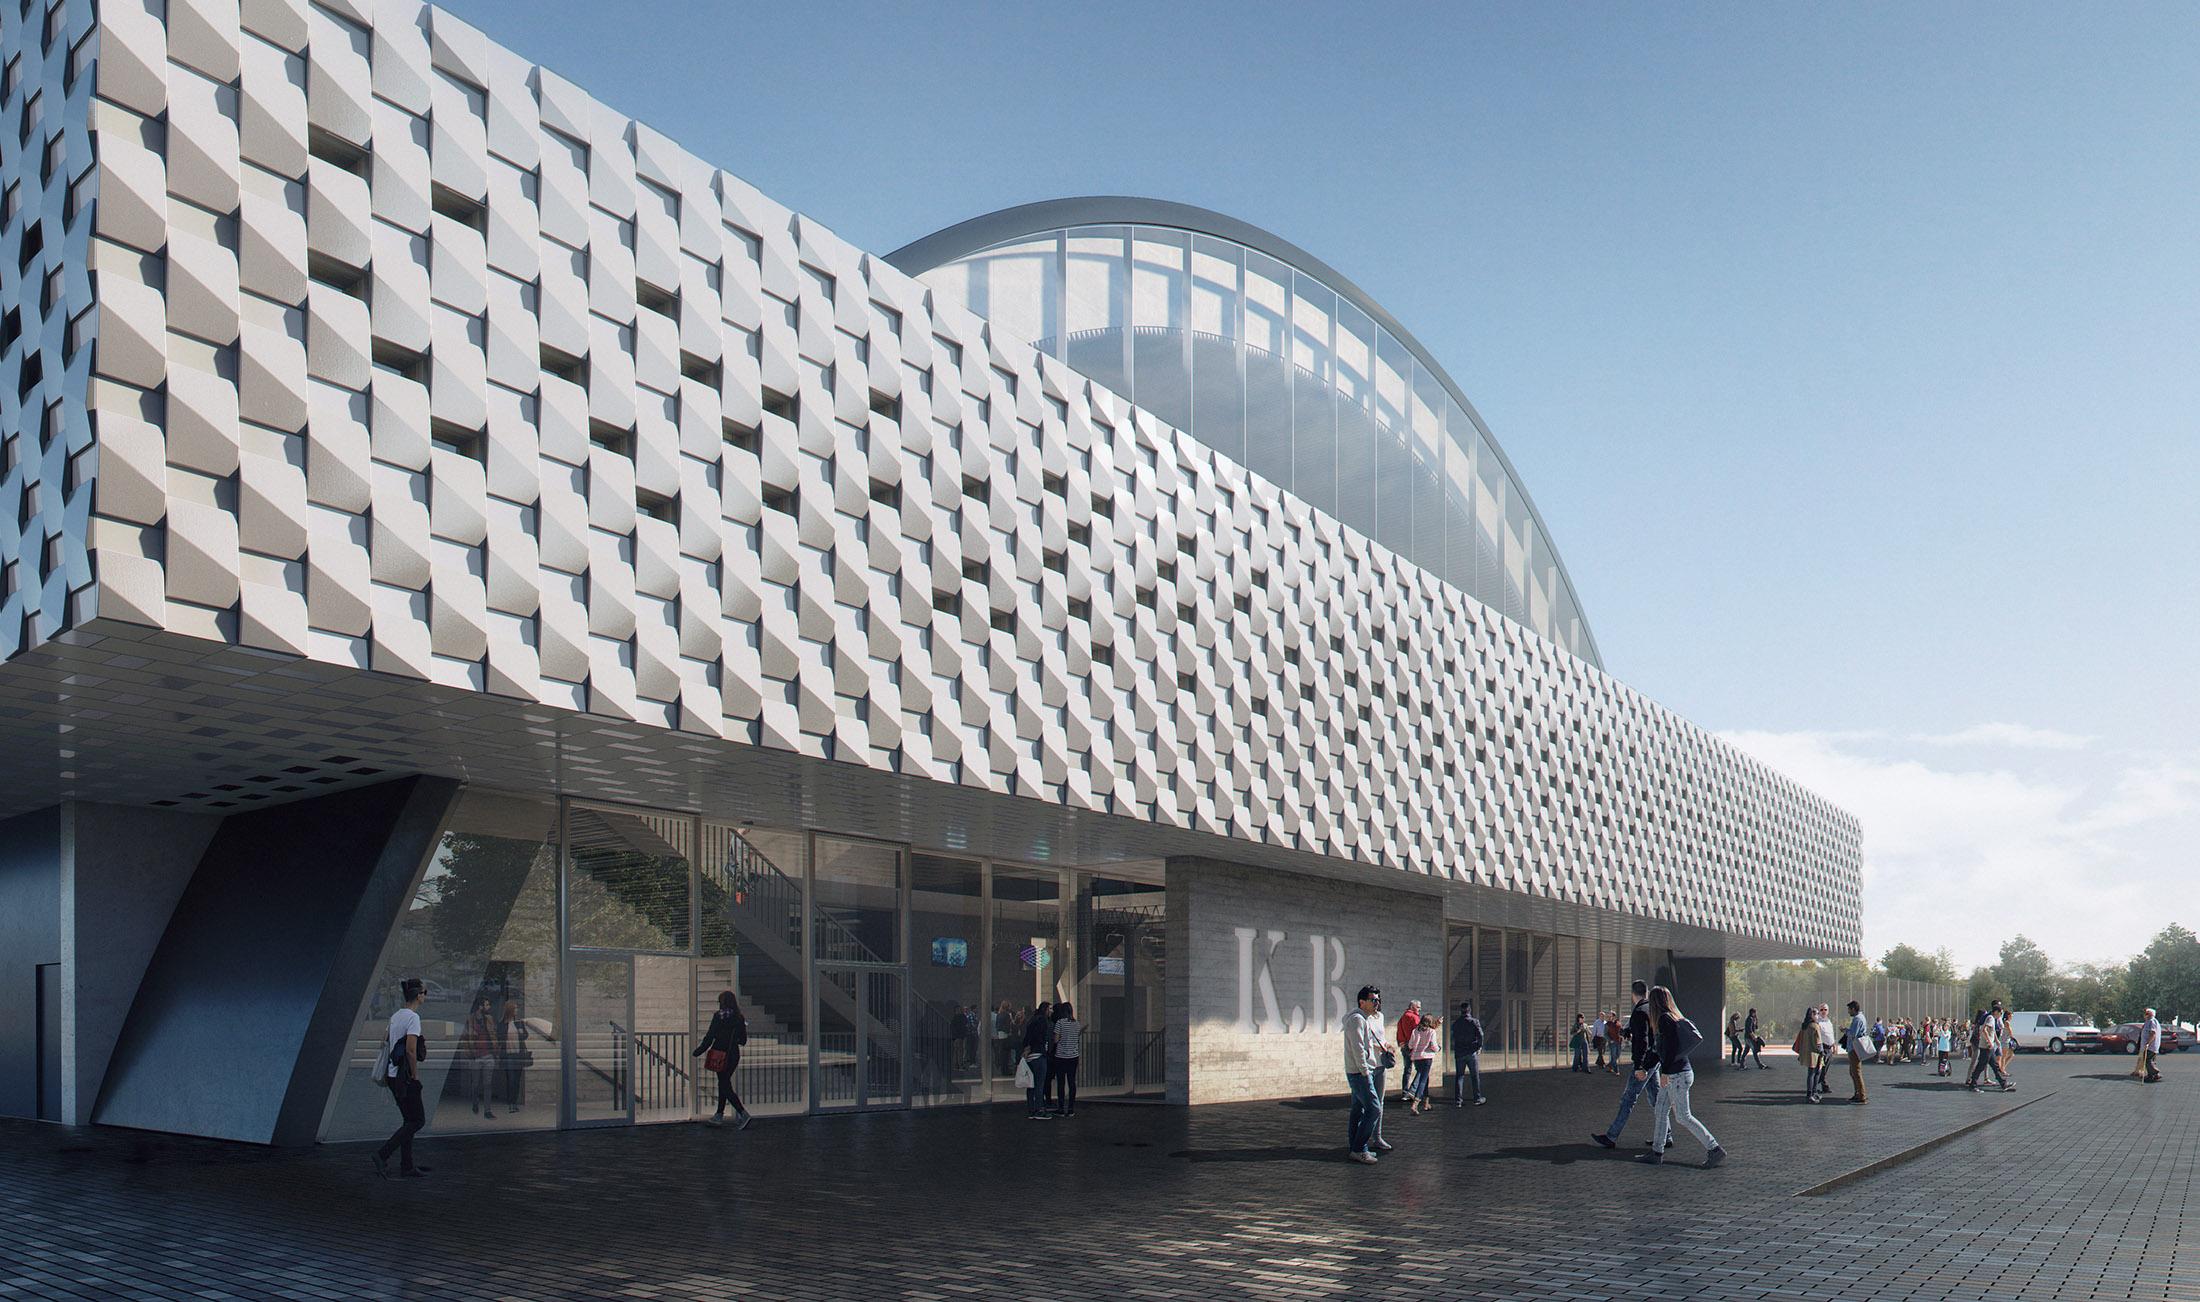 Christensen & Co, New K.B. Hallen, Denmark, 2016